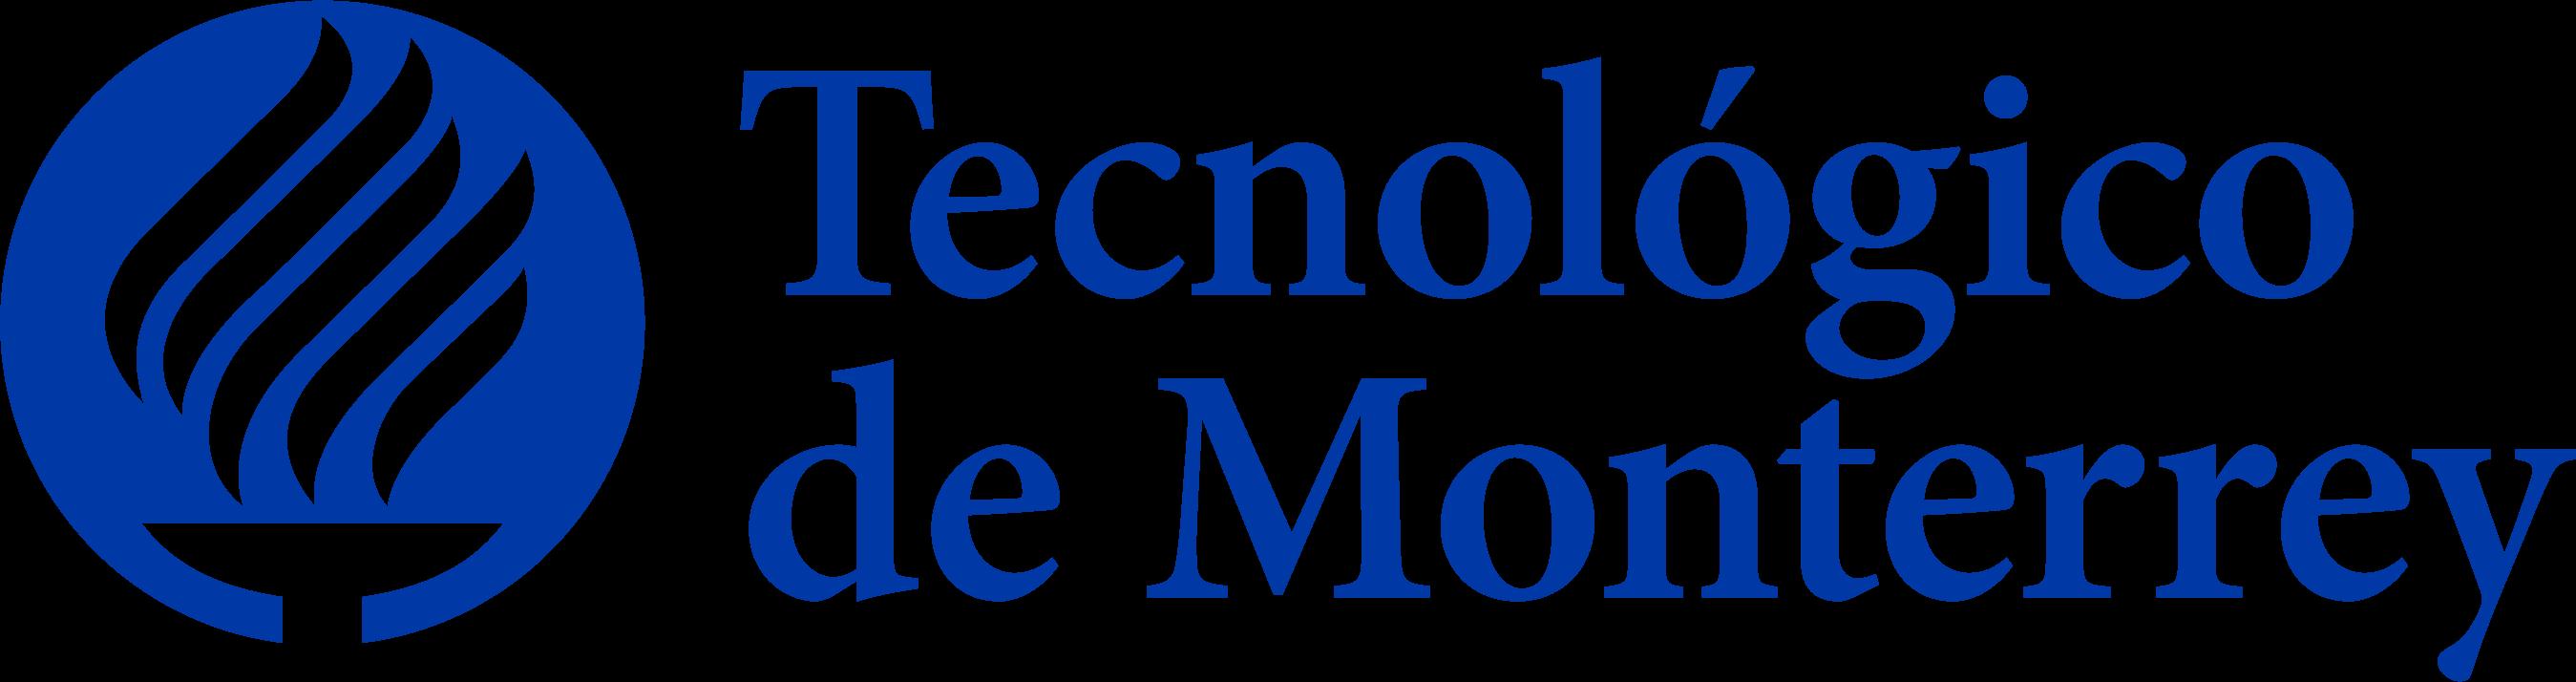 Tecnologico De Monterrey